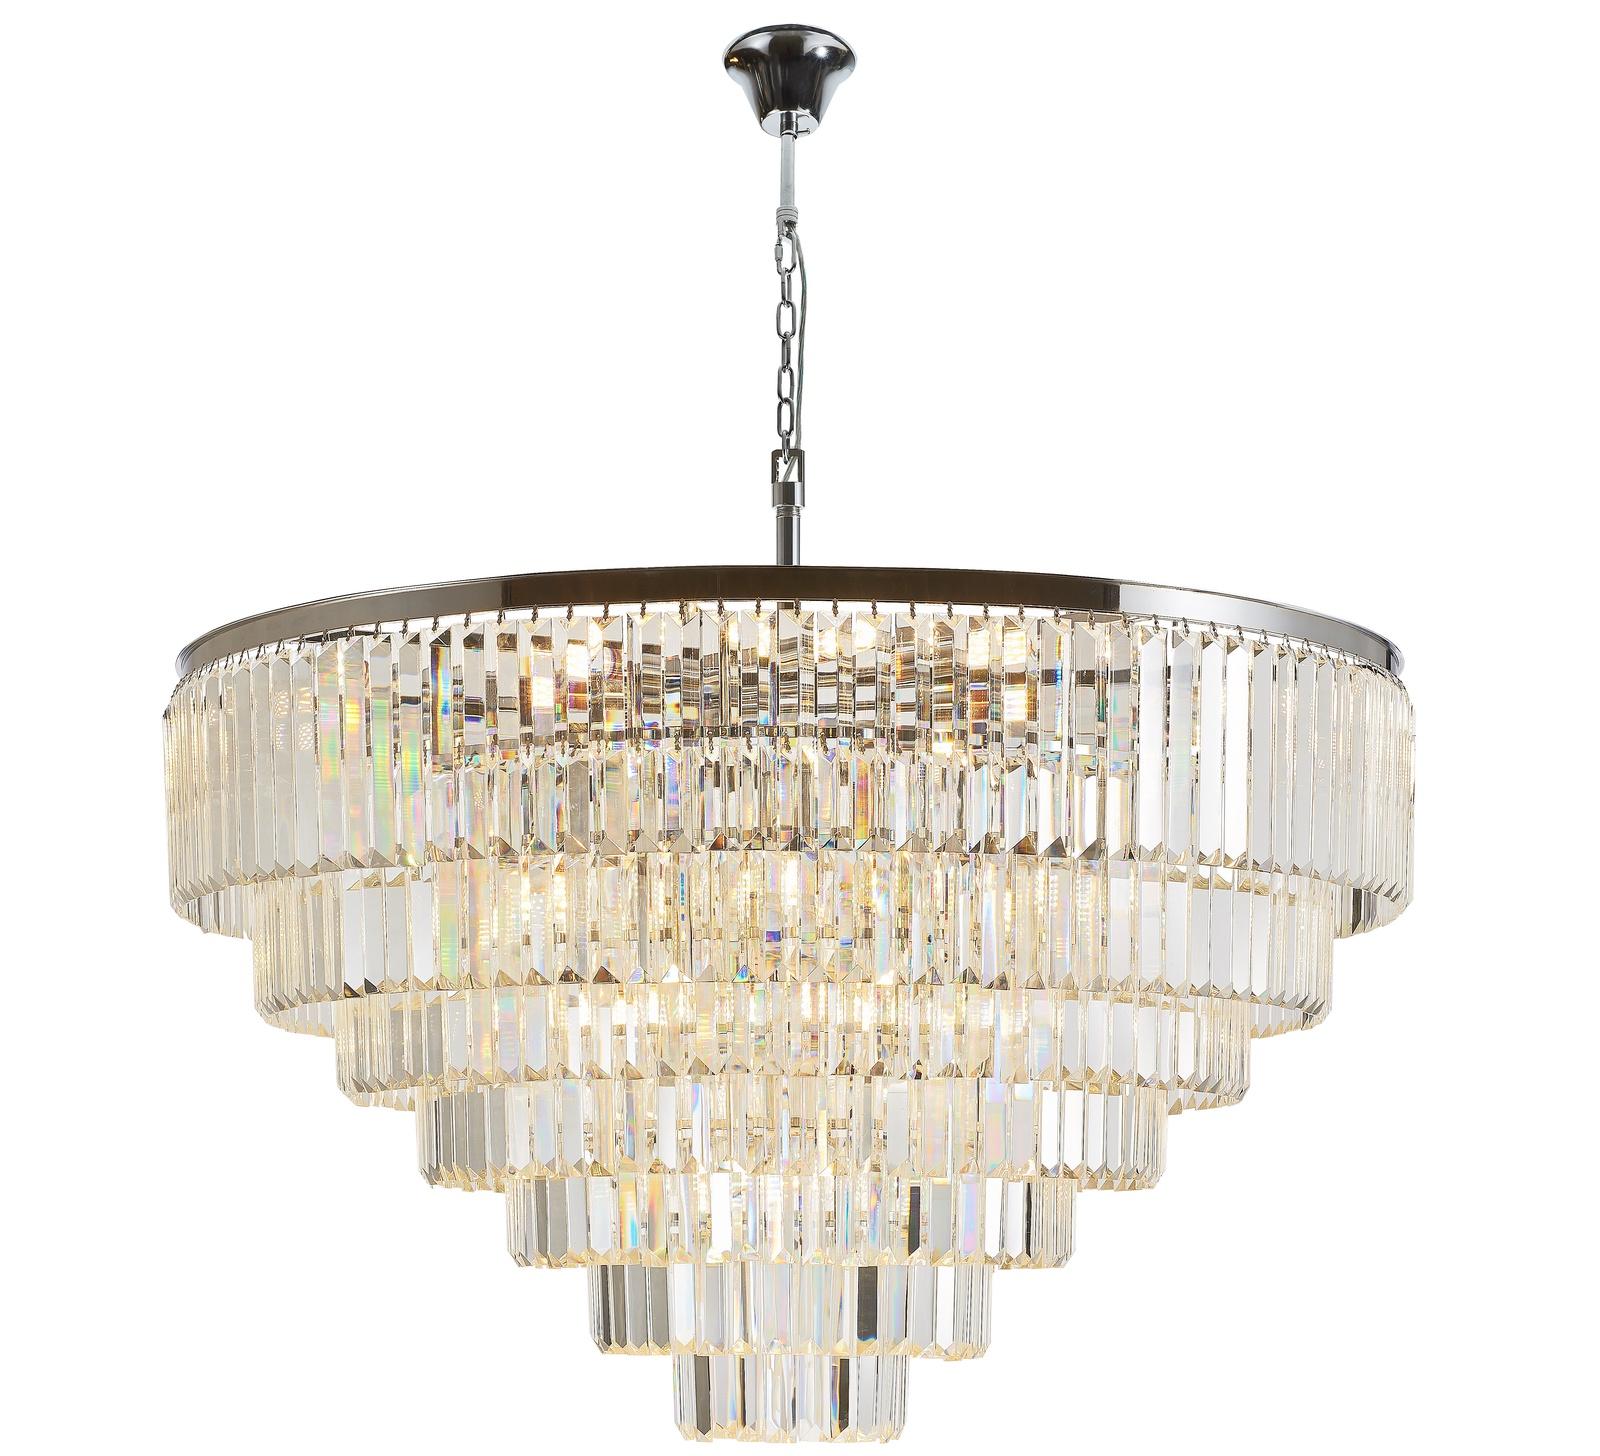 Подвесной светильник Divinare 3001/02 LM-25, серый металлик alta 3001